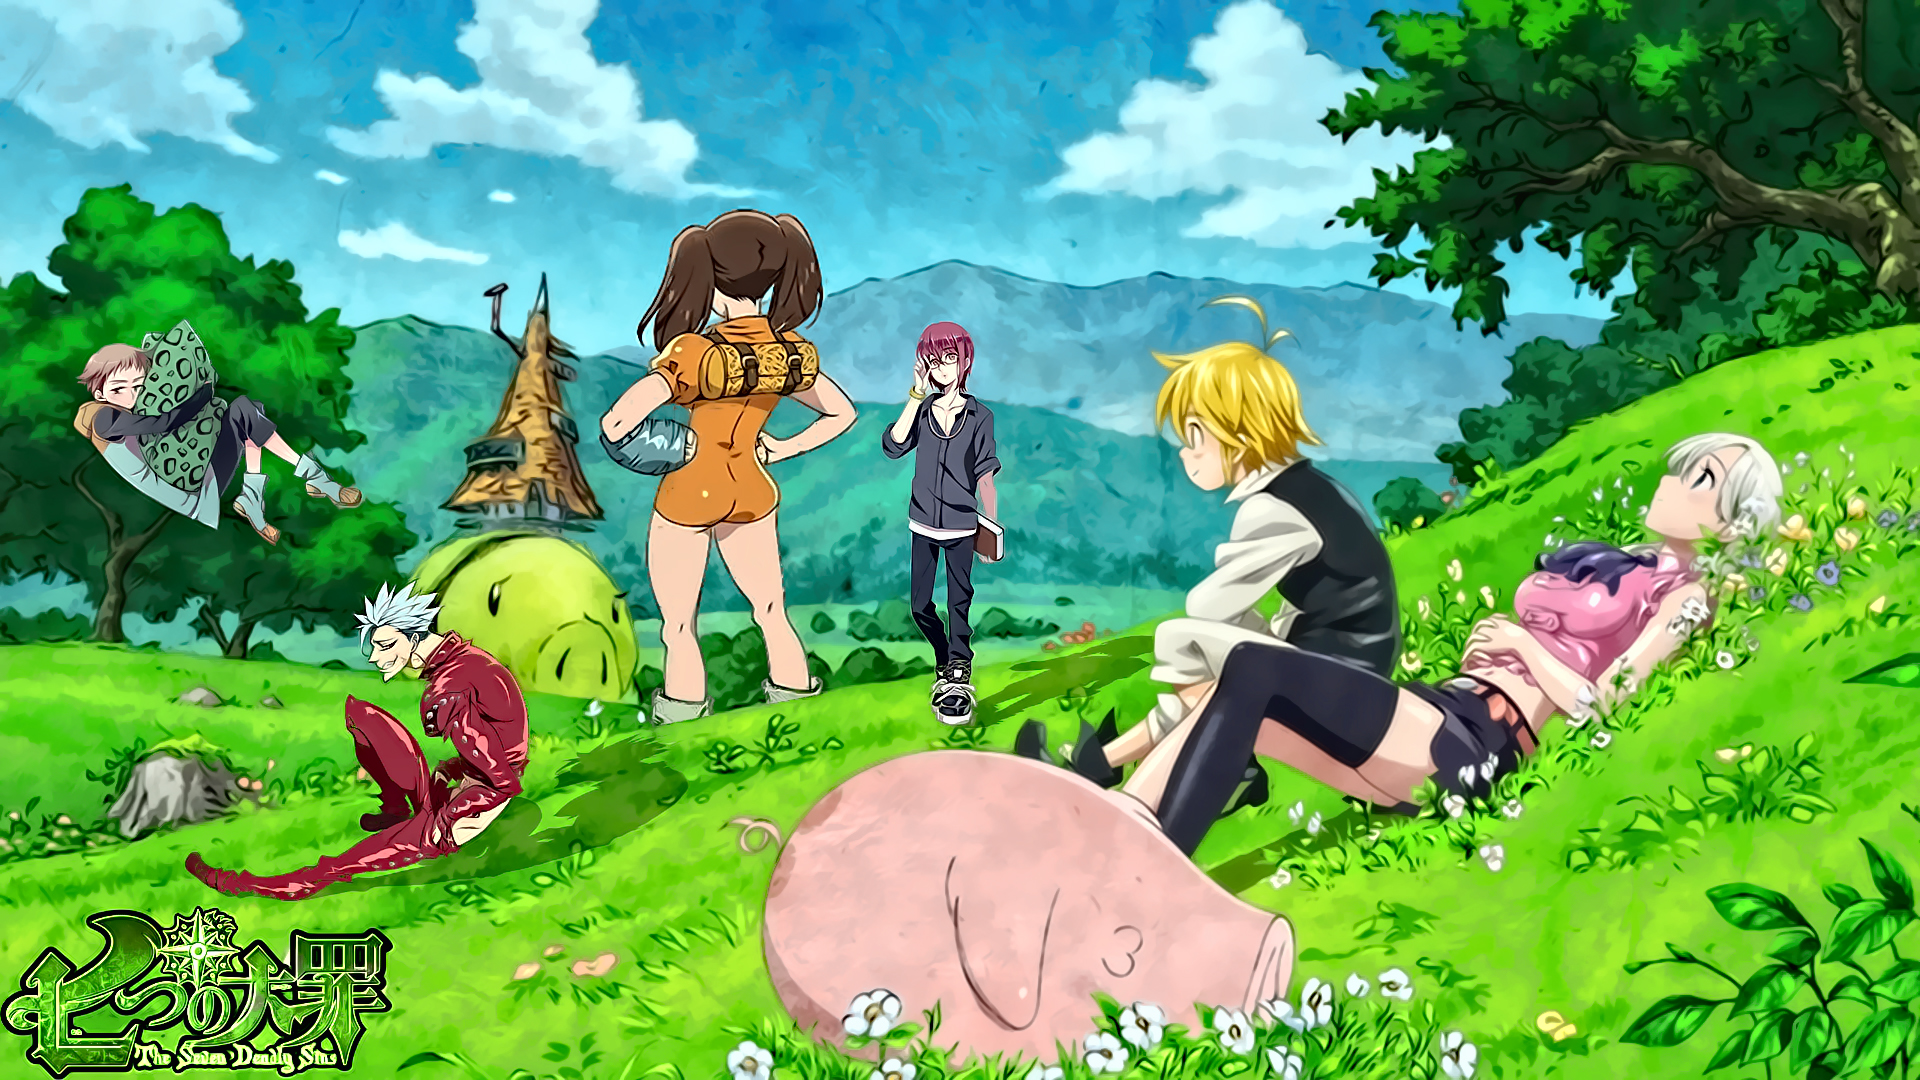 Fondos de pantalla Anime Todos los personajes de Los siete pecados capitales